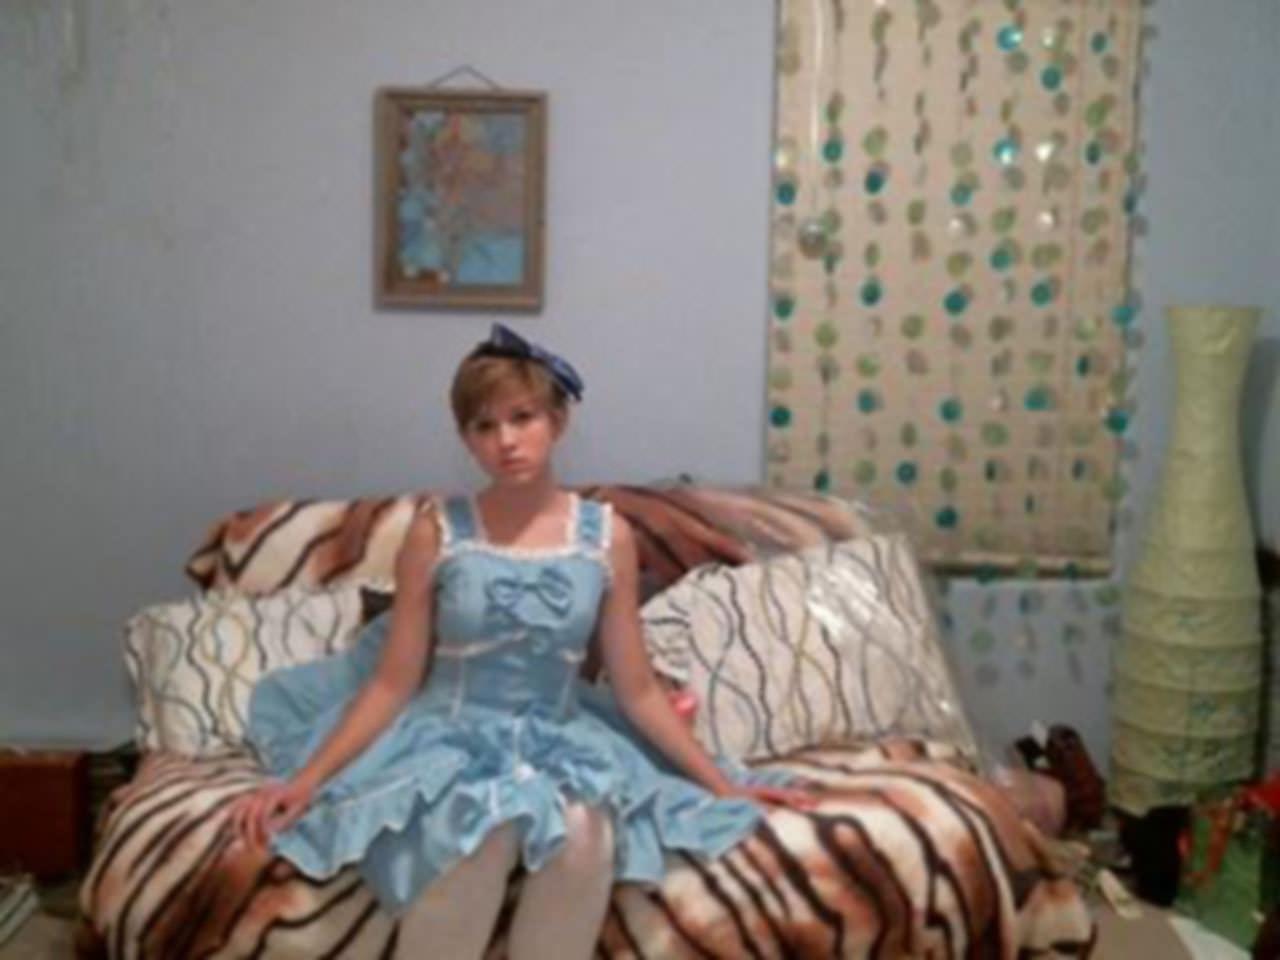 【外人】メンヘラ度全開のロシアンパイパン美少女の自画撮りライブチャットポルノ画像 14157